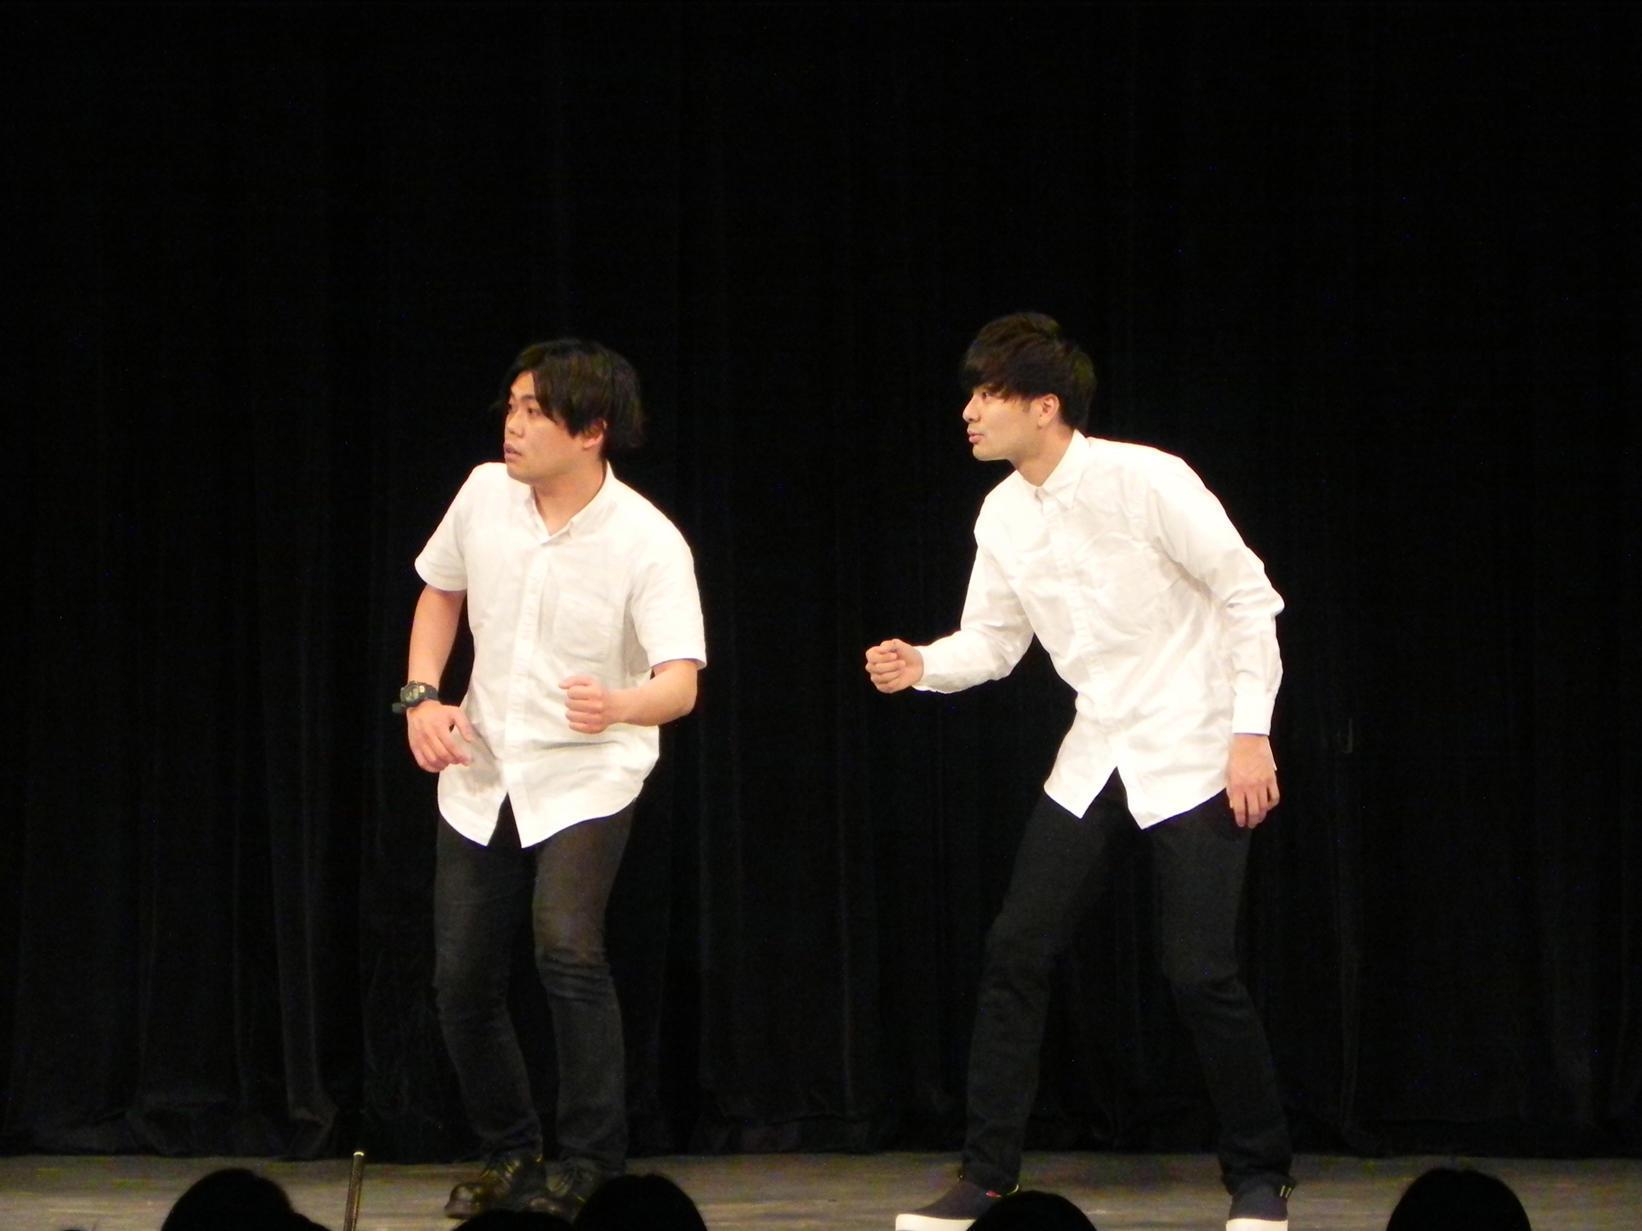 http://news.yoshimoto.co.jp/20160531113016-1db91af109ea0d7d296d17c965e0d2e6040910b3.jpg